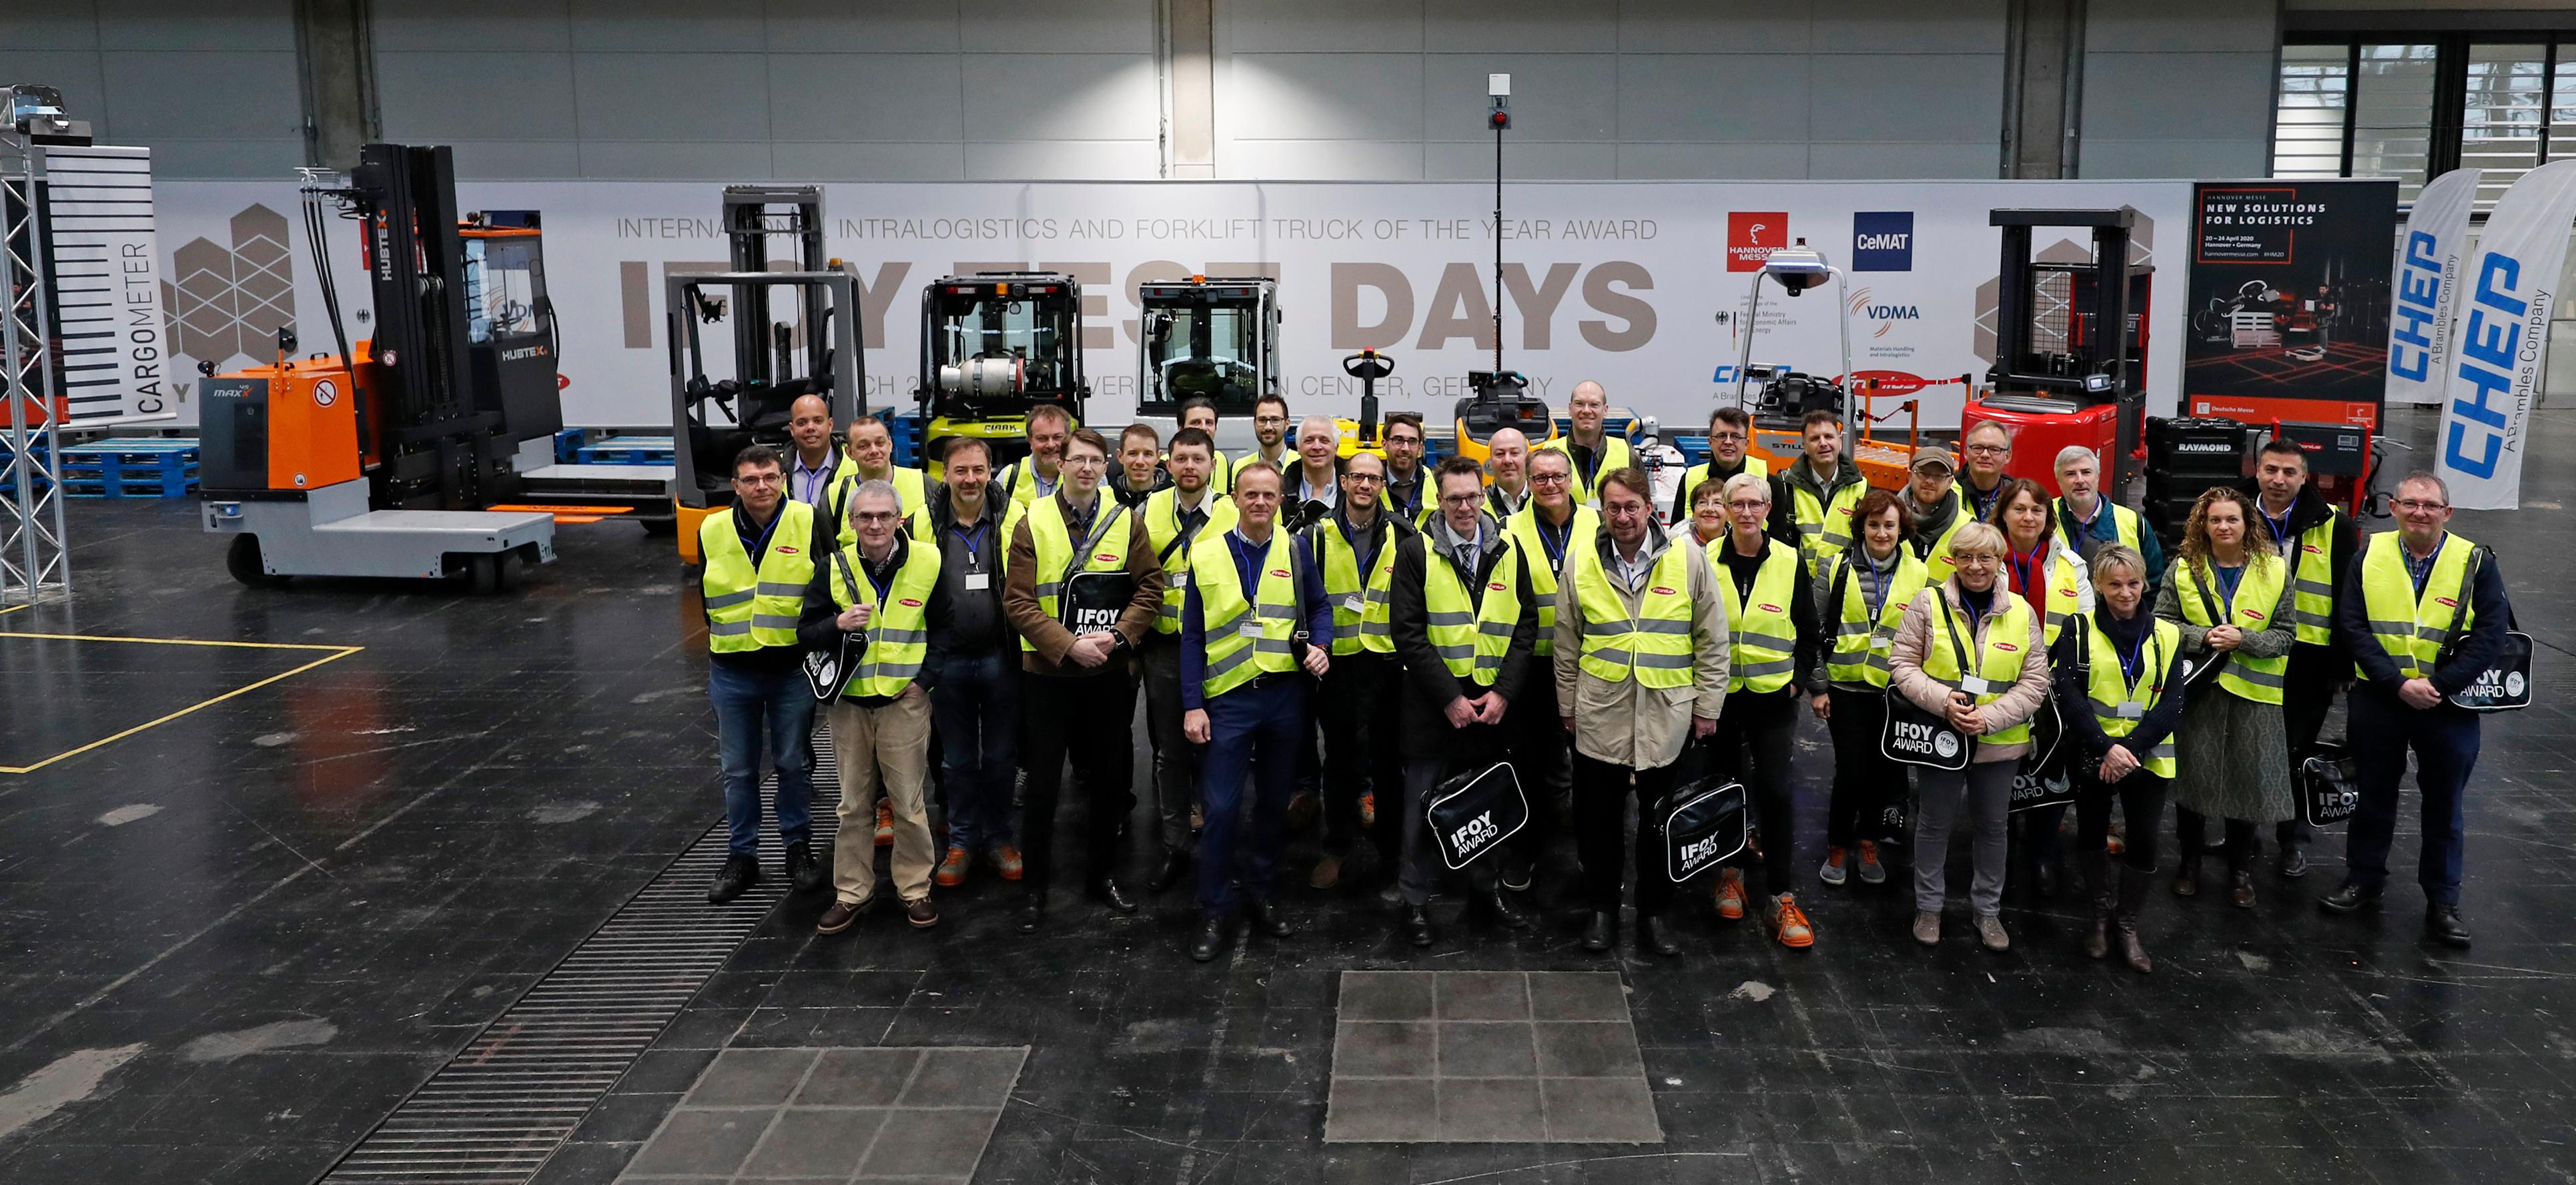 Gruppenfoto der IFOY Jury 2019 - im Hintergrund Gabelstapler